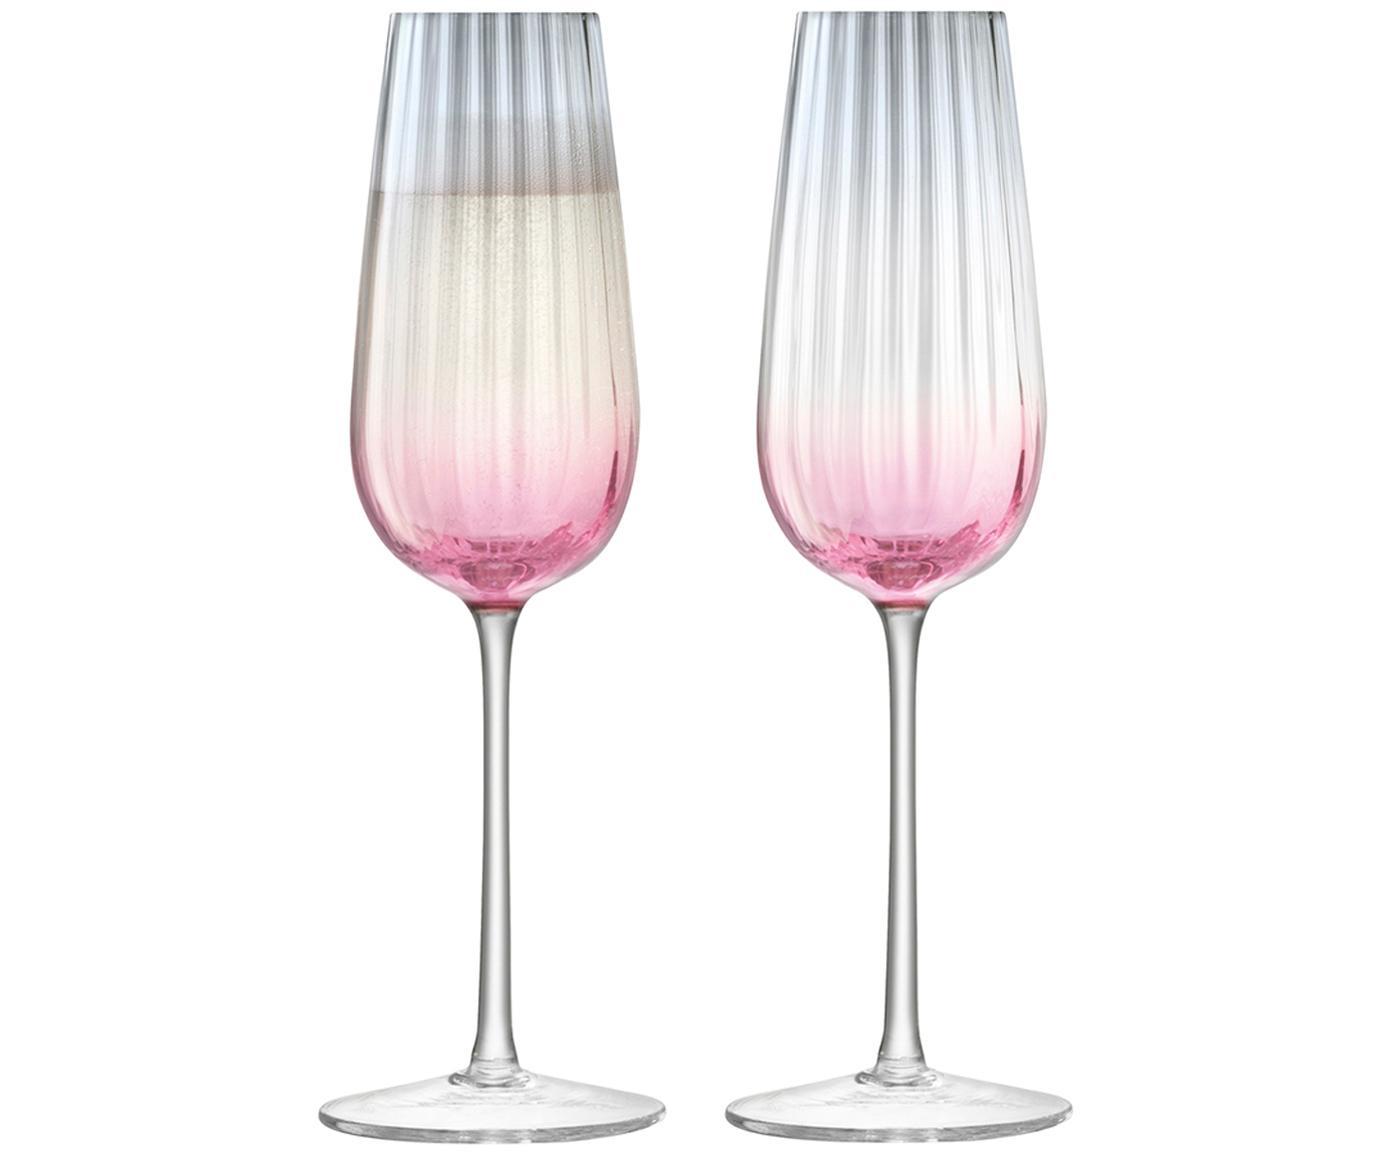 Handgemaakte champagneglazen Dusk met kleurverloop, 2 stuks, Glas, Roze, grijs, Ø 23 x H 6 cm